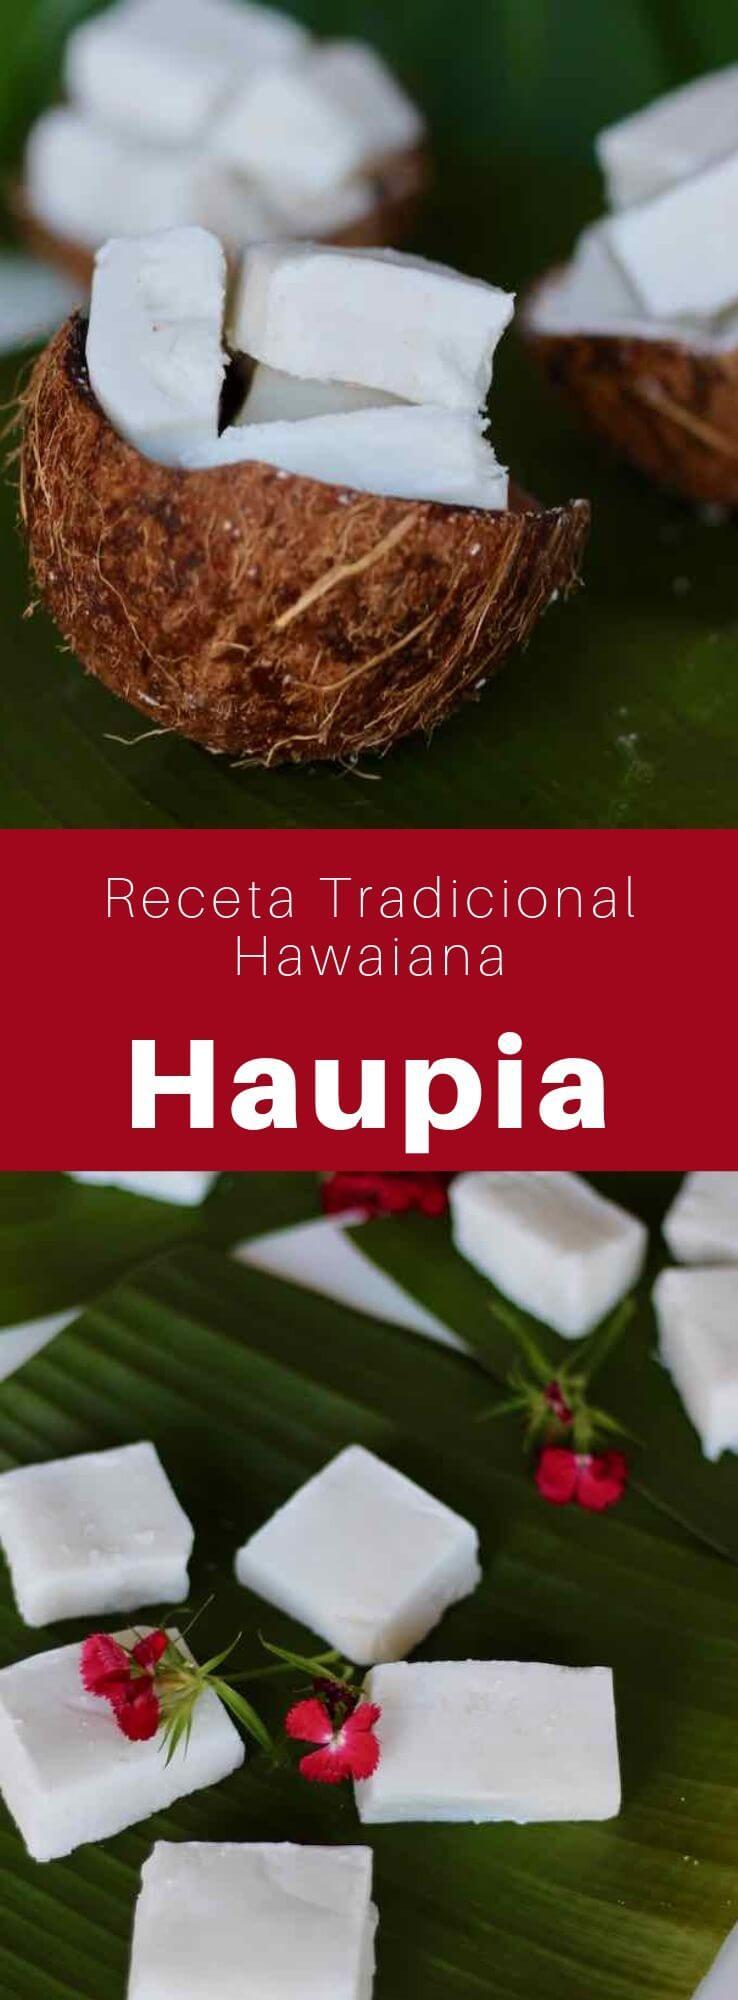 La haupia es un delicioso postre gelificado tradicional hawaiano que se prepara con leche de coco y almidón de maíz.